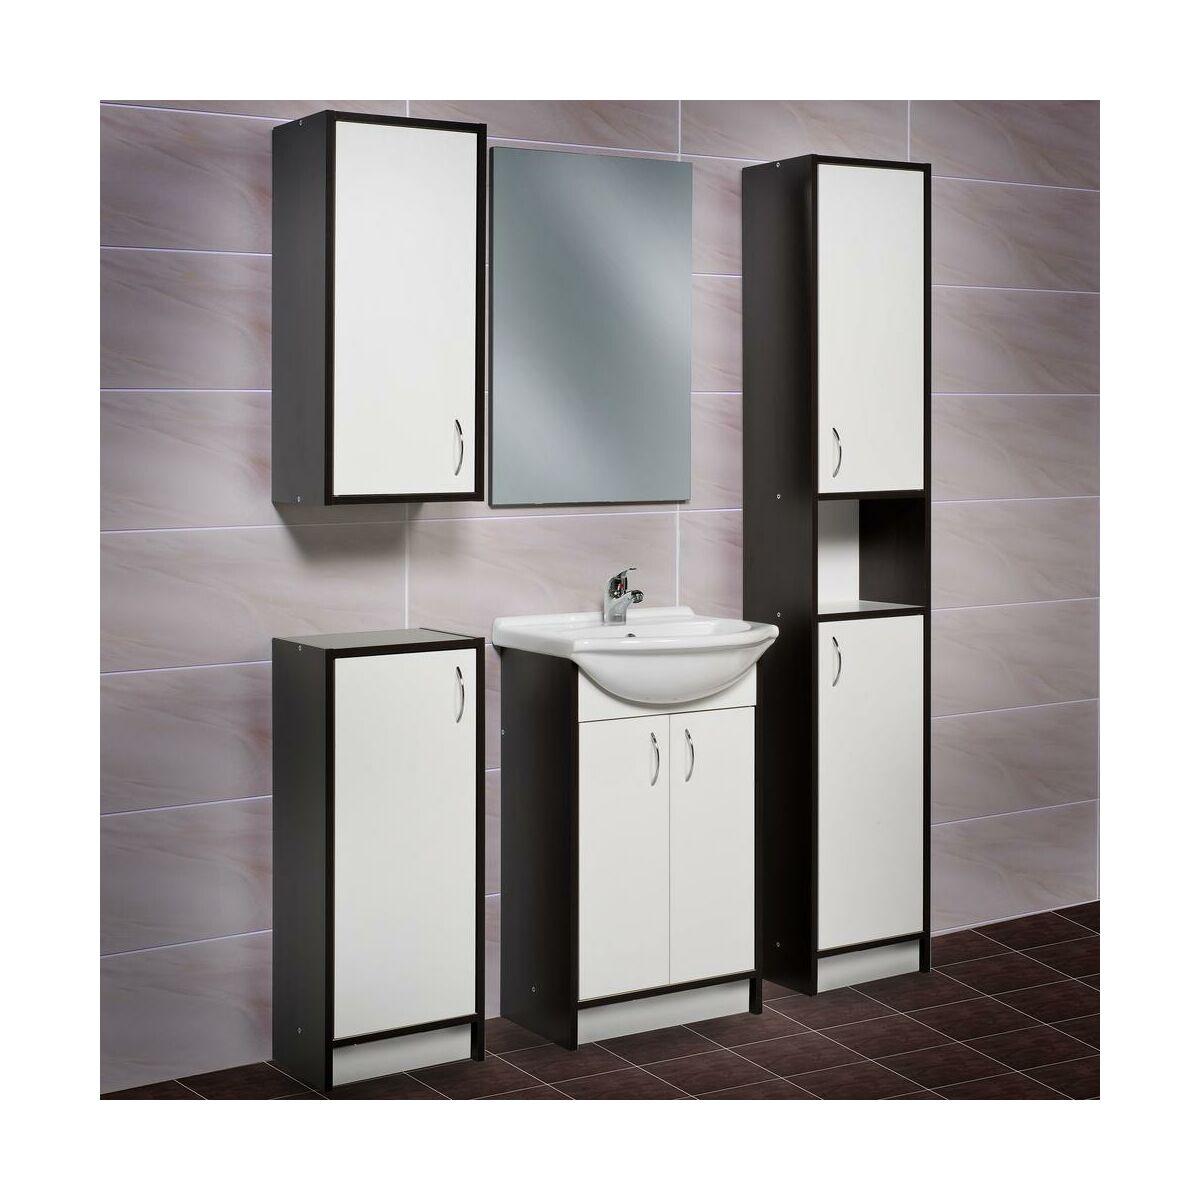 Leroy Merlin Pokrowiec Na Meble Ogrodowe :  mebli łazienkowych  w atrakcyjnej cenie w sklepach Leroy Merlin